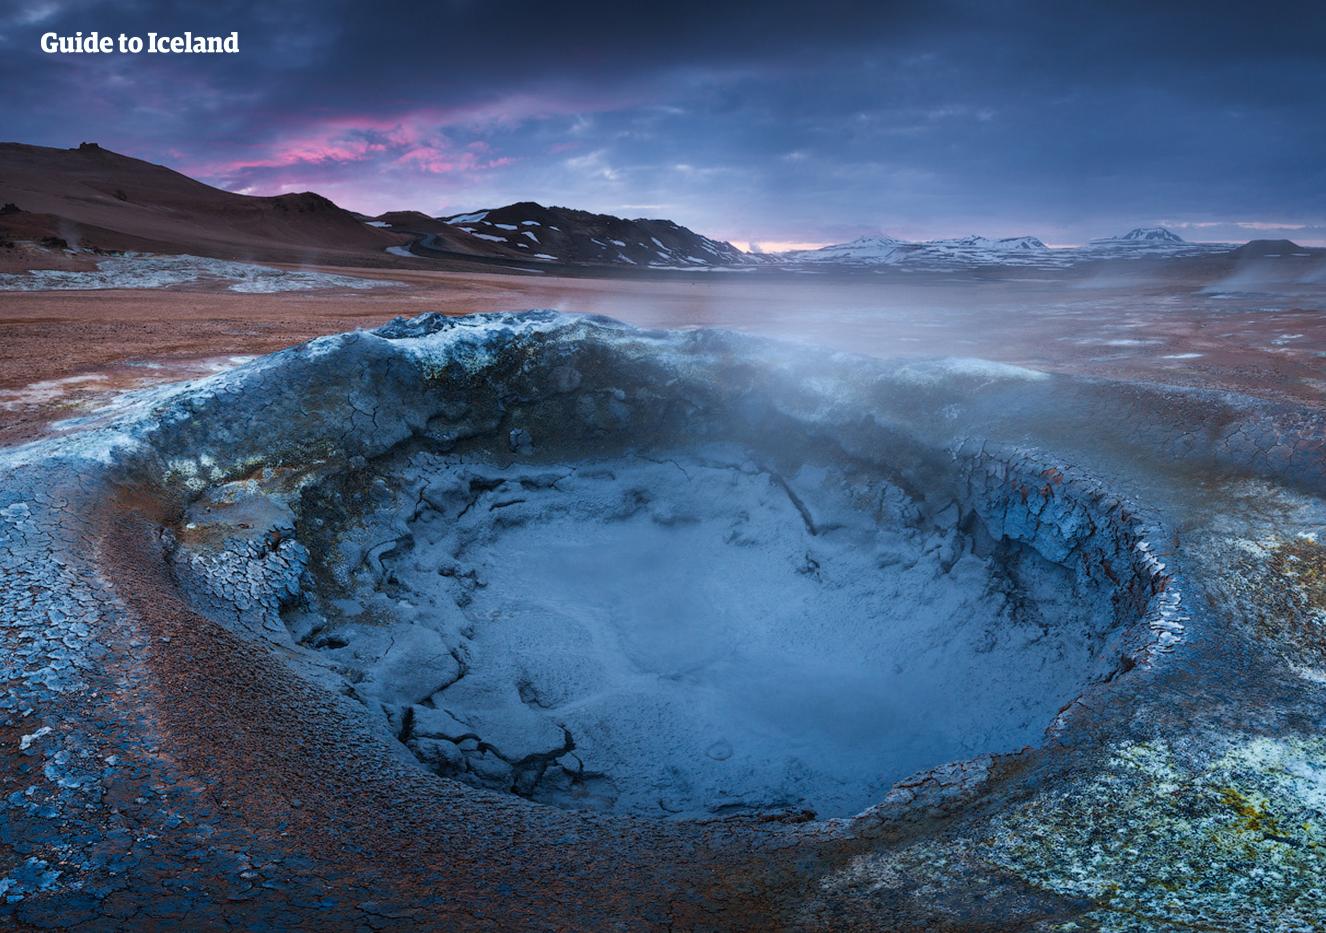 I närheten av sjön Mývatn finns flera geotermiska områden.